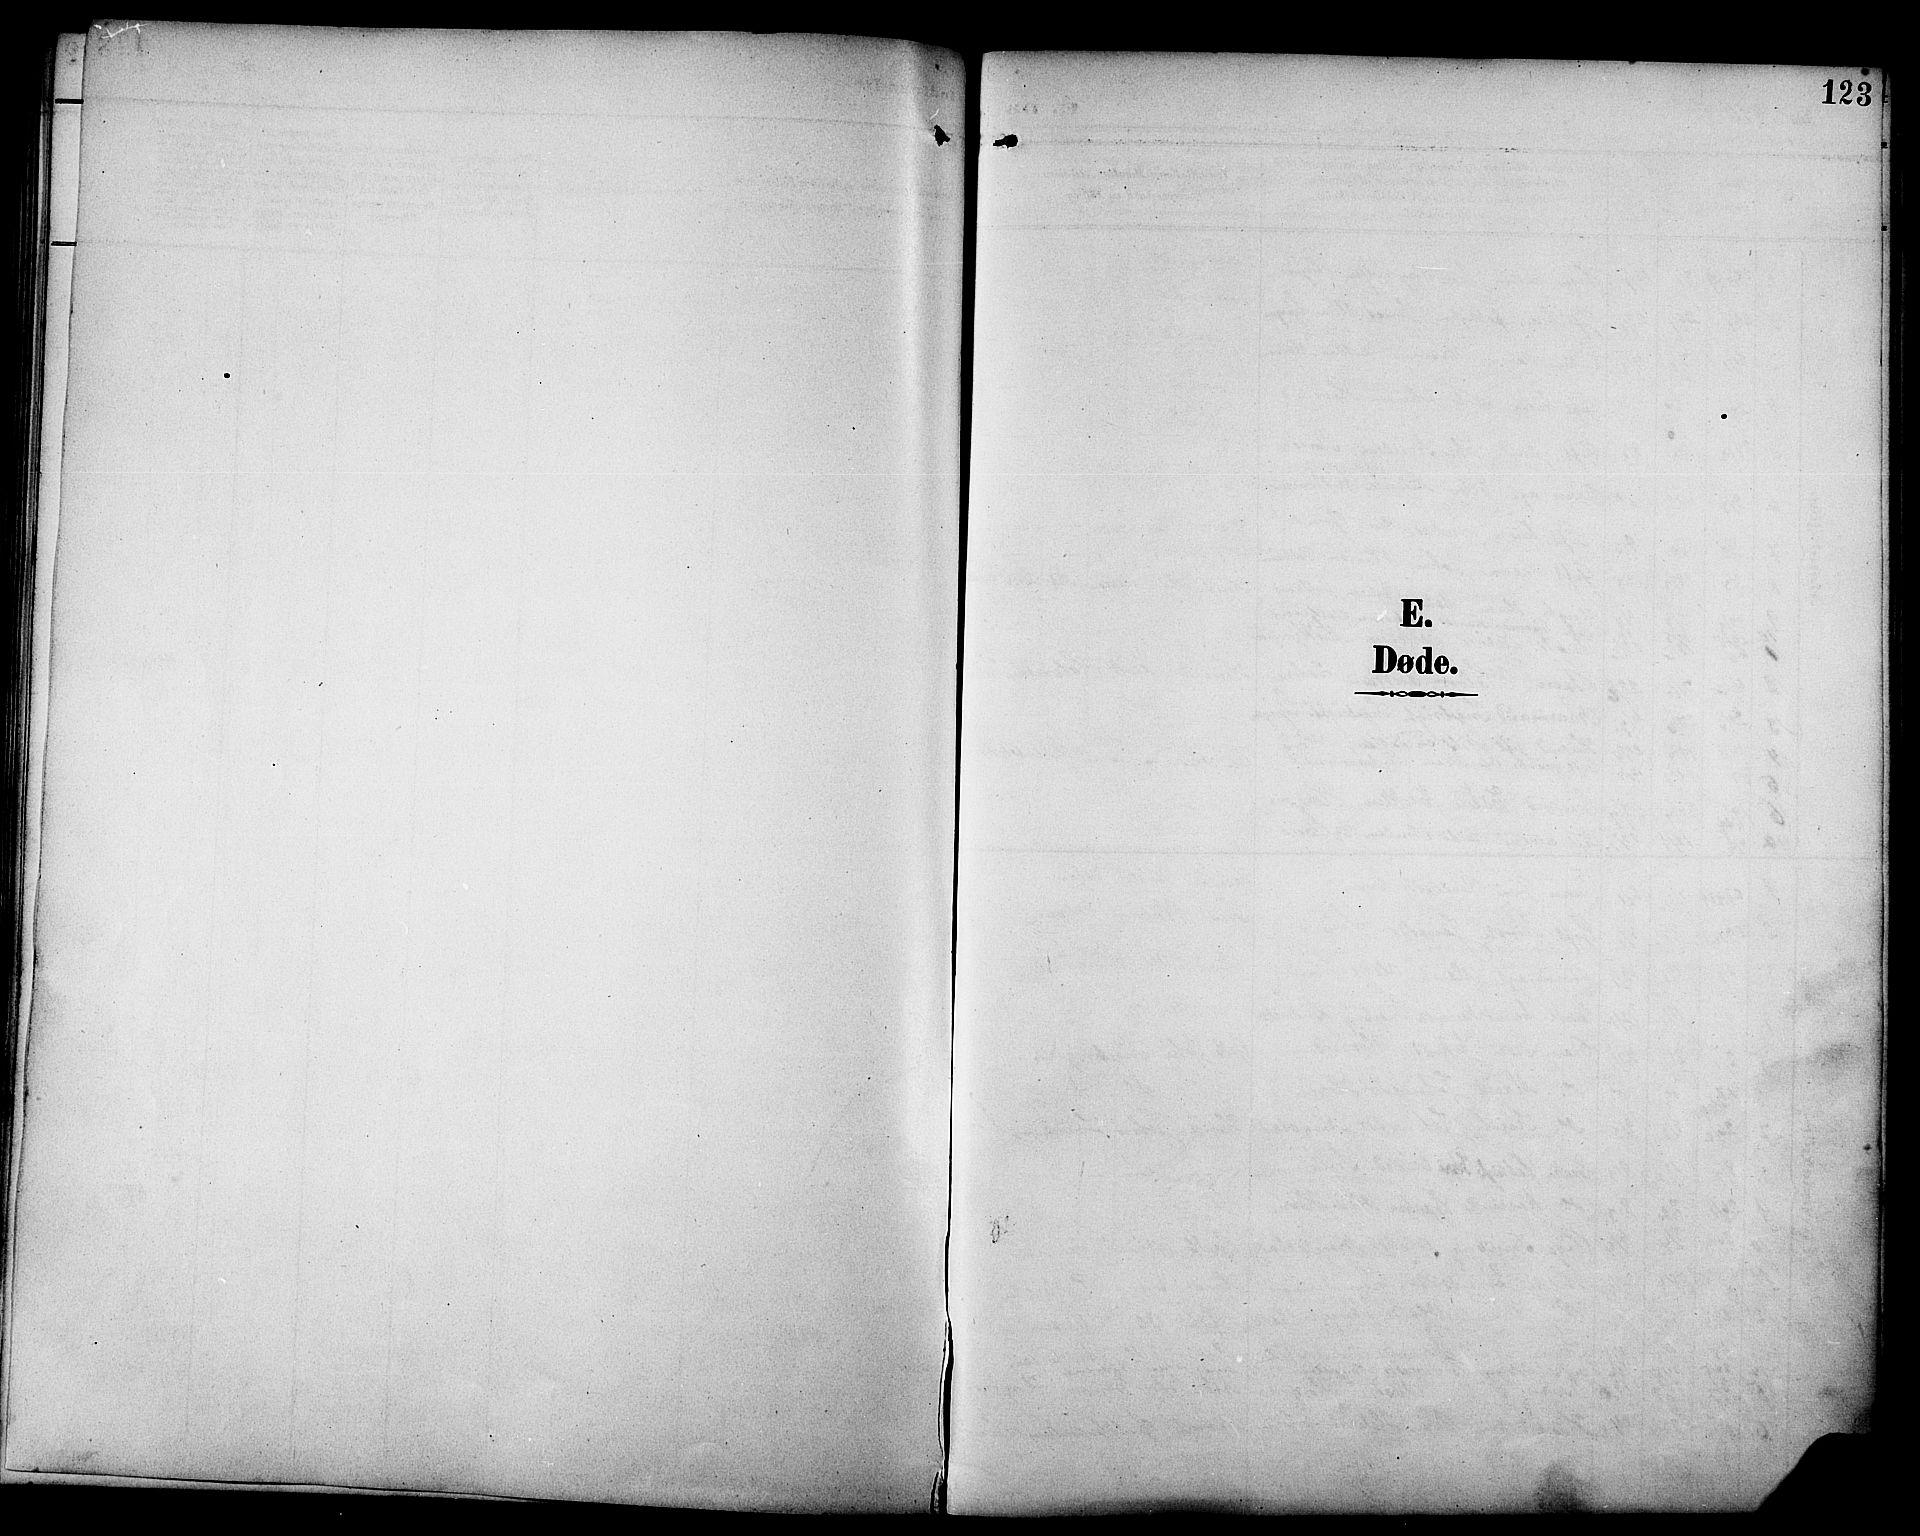 SAT, Ministerialprotokoller, klokkerbøker og fødselsregistre - Sør-Trøndelag, 692/L1111: Klokkerbok nr. 692C06, 1890-1904, s. 123